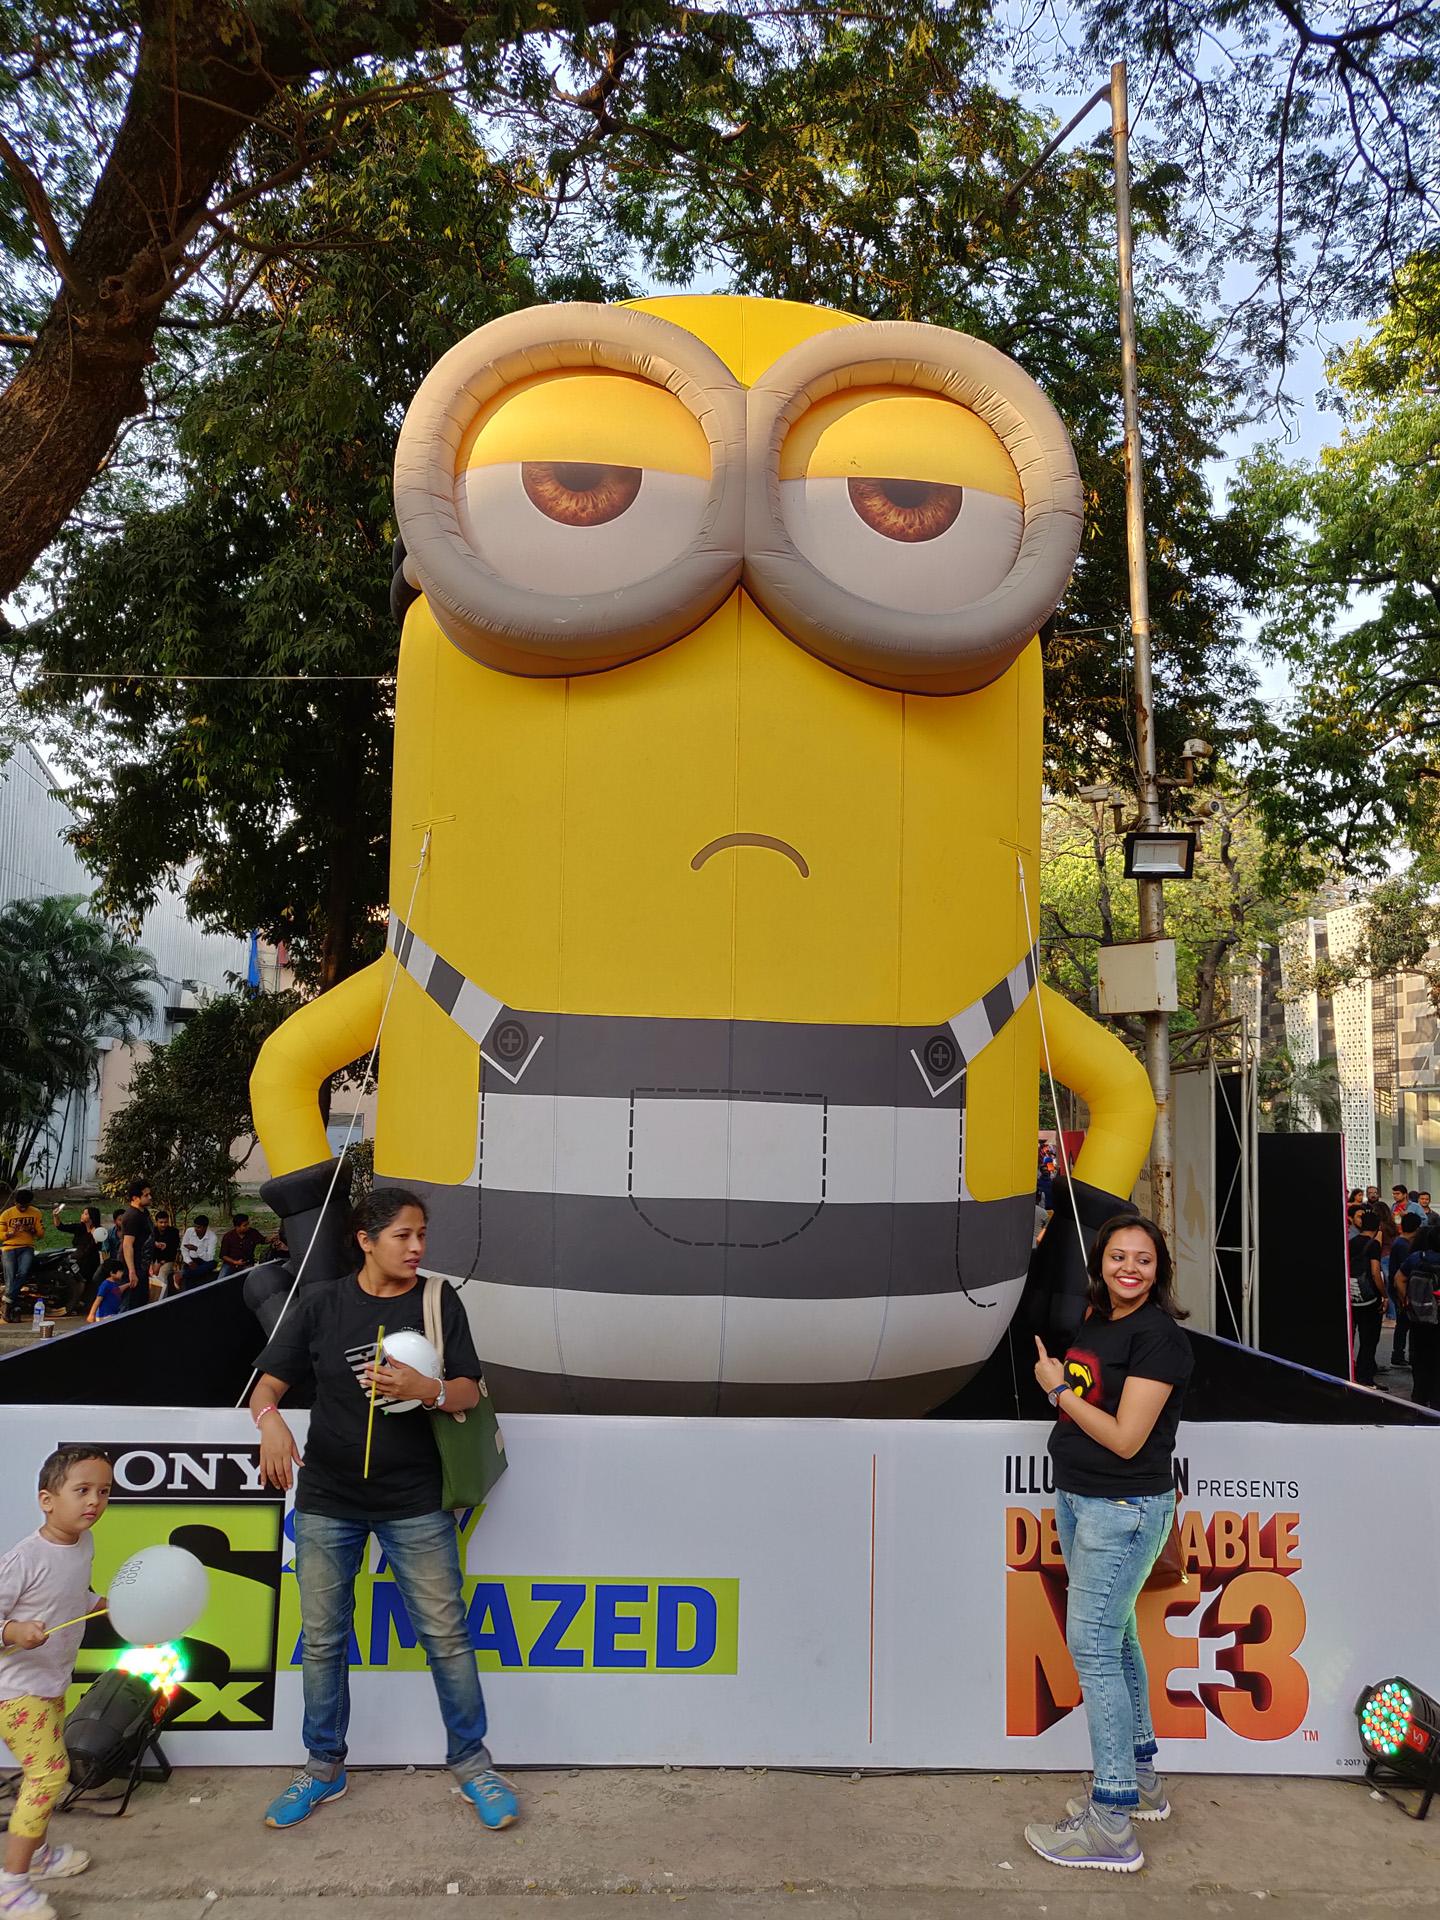 Comic Con Mumbai 2018 00 - Minion Statue